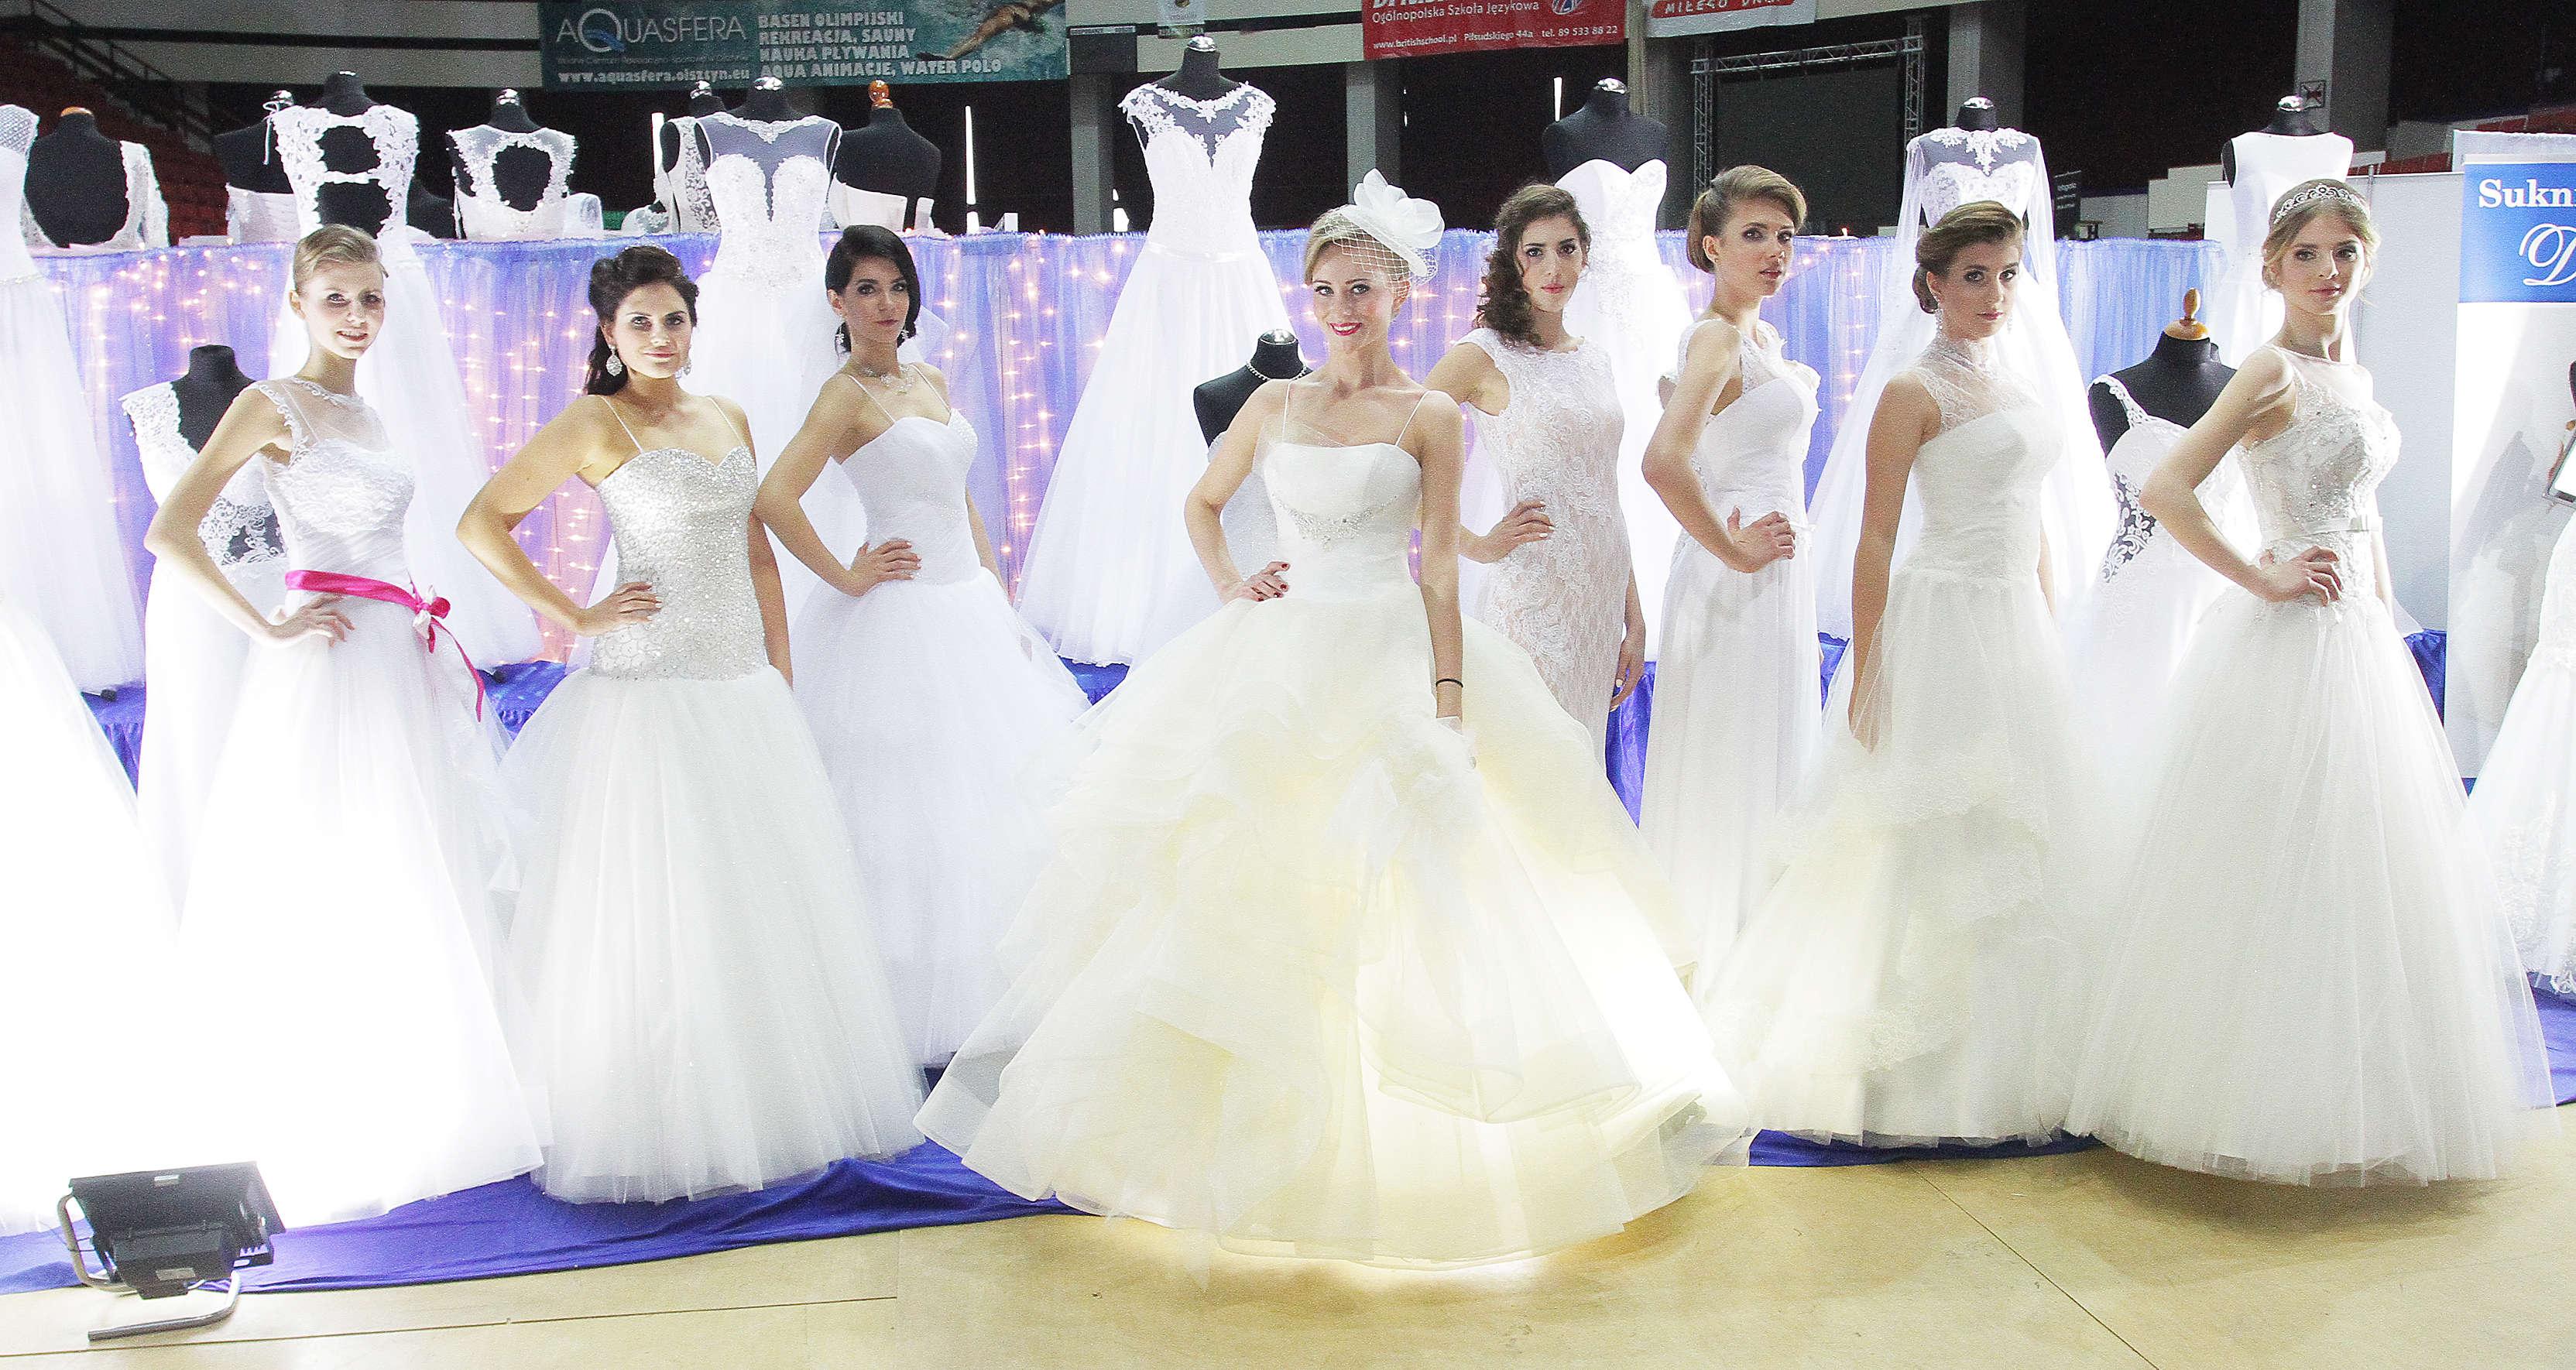 Bajkowy Ślub w Olsztynie. Zobacz zdjęcia z wyjątkowego pokazu